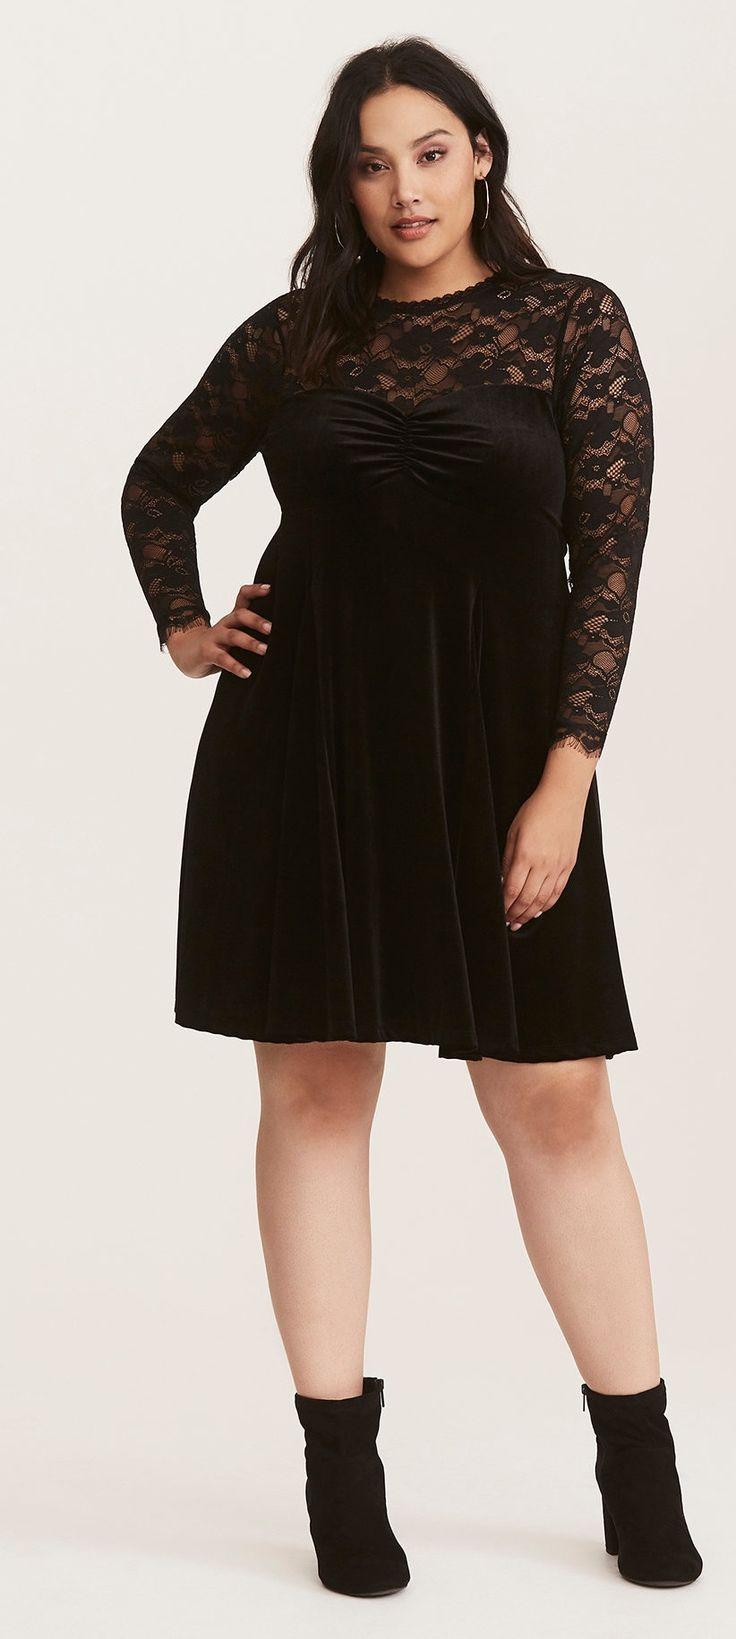 Plus Size Velvet & Lace Dress - Plus Size Holiday Party Dress - Plus Size Cocktail Dress #plussize